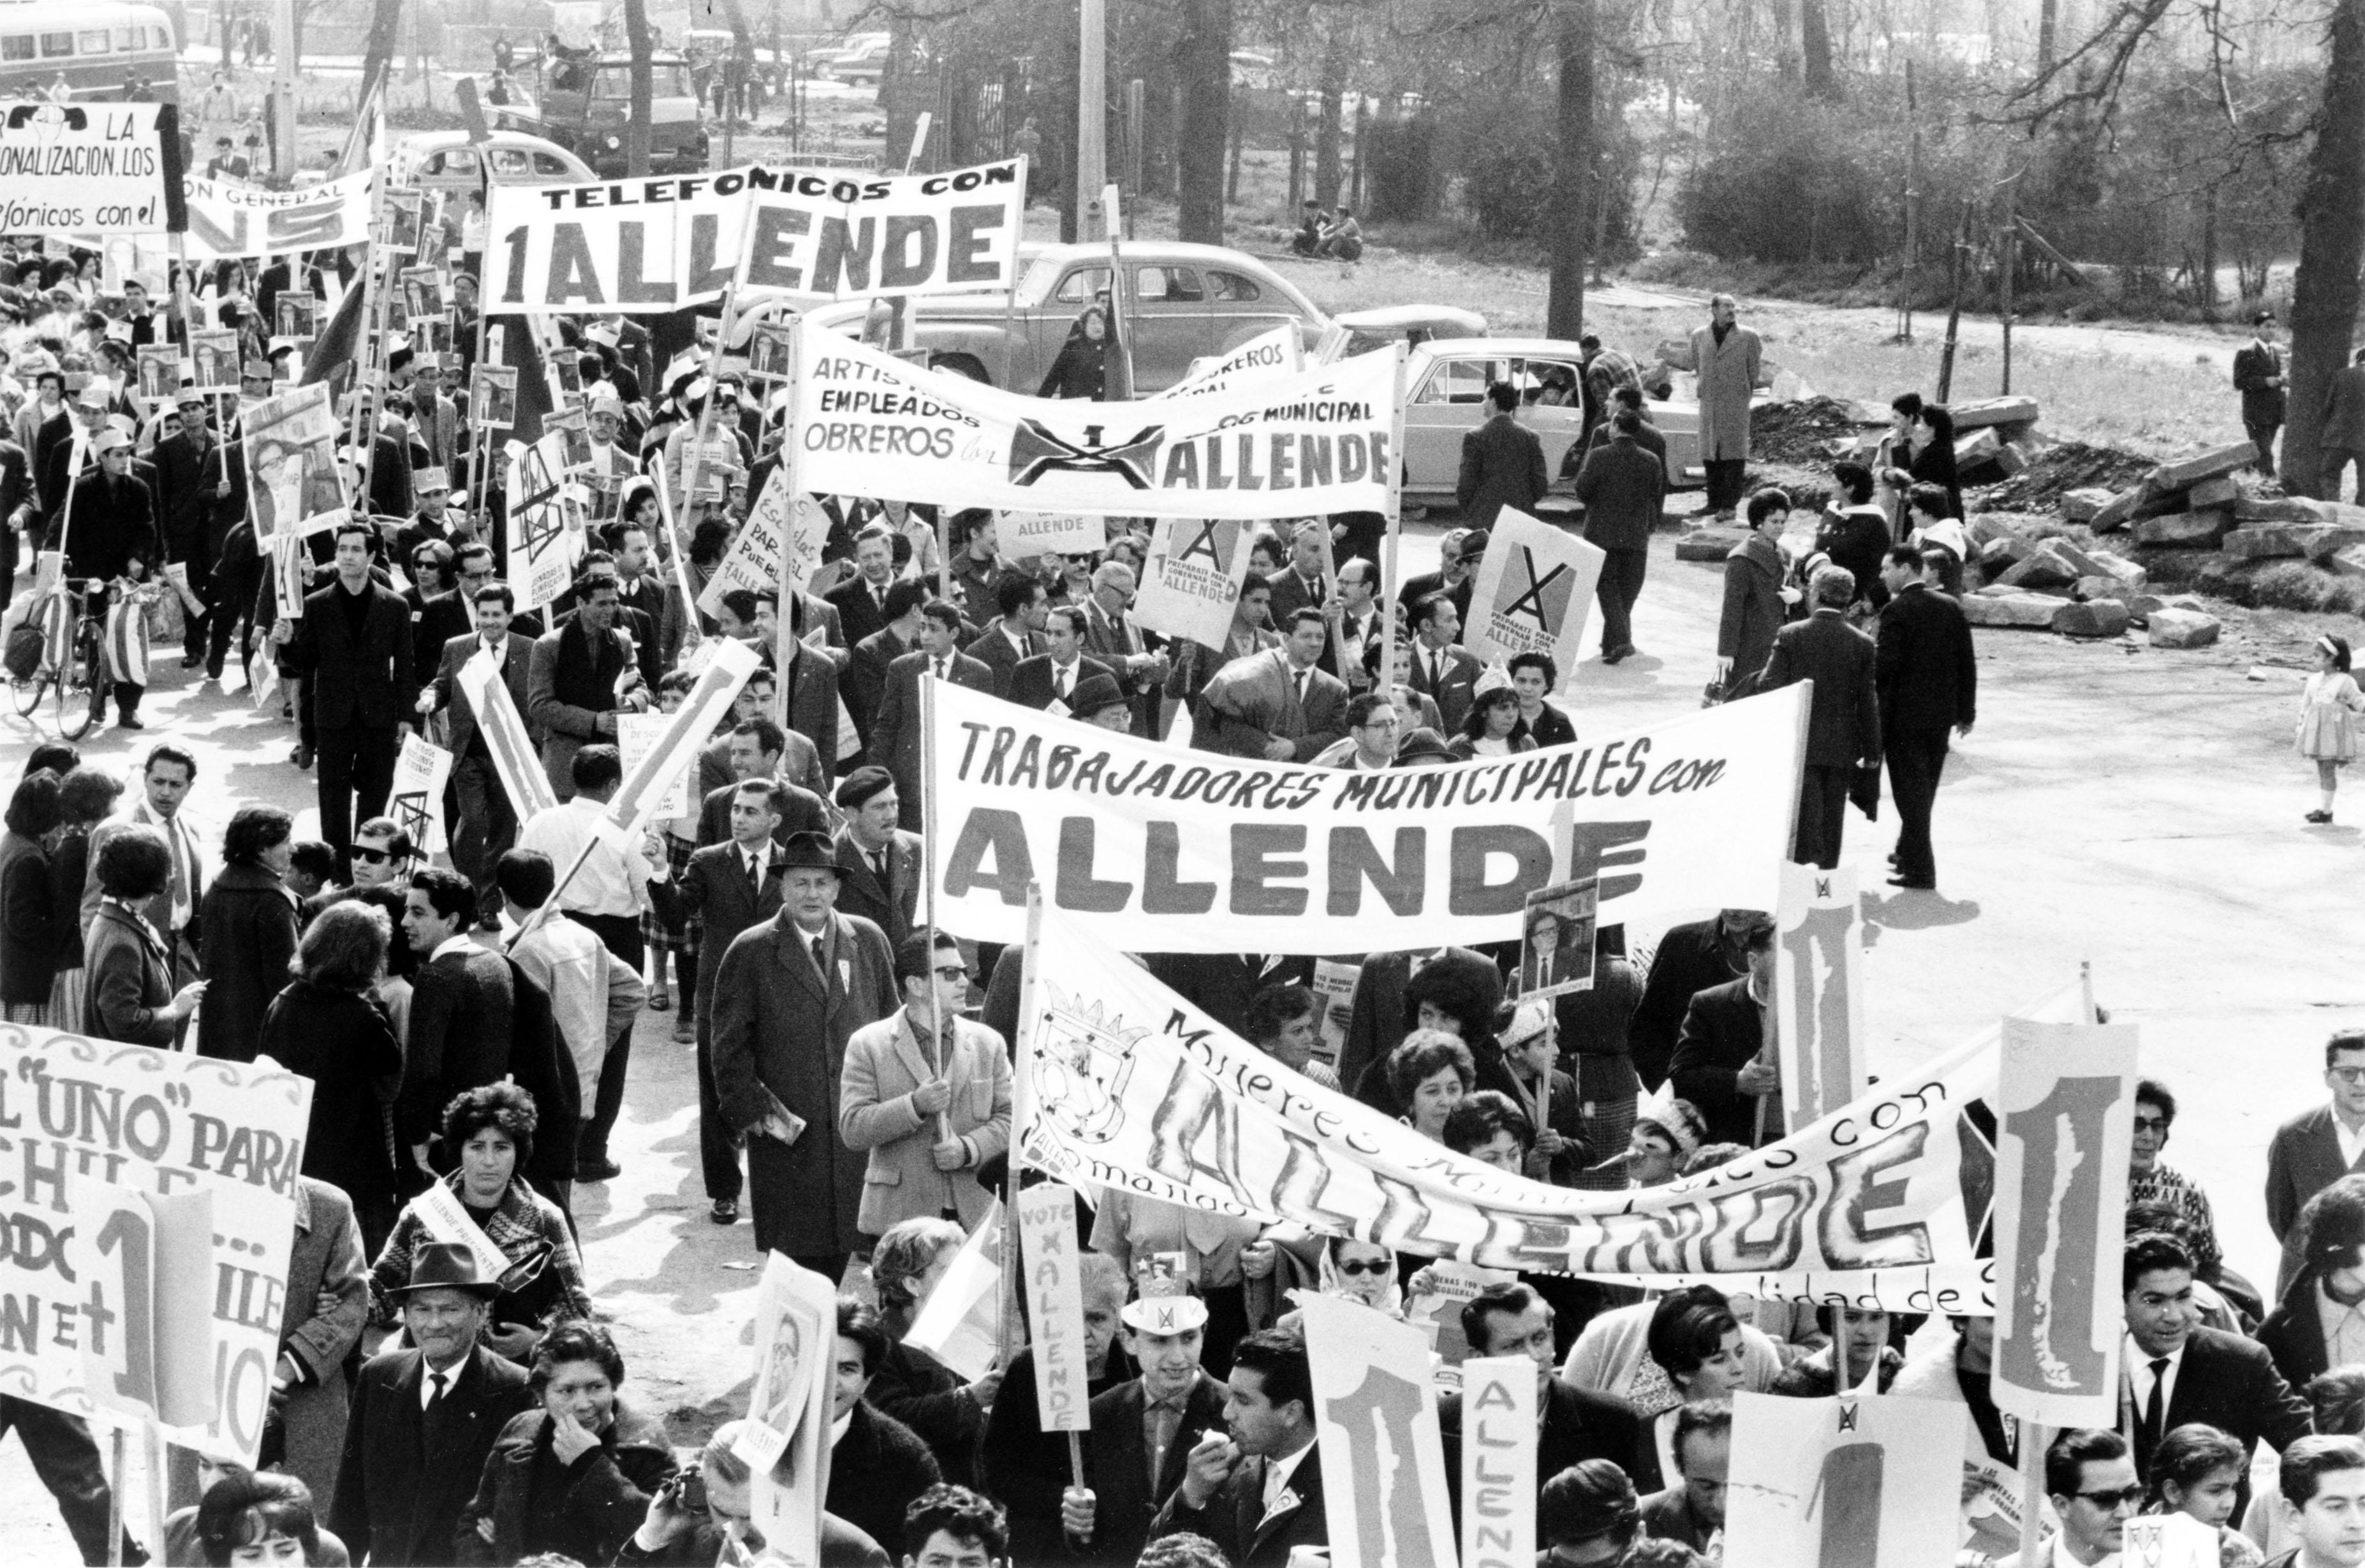 Manifestation de soutien à Allende en 1970.